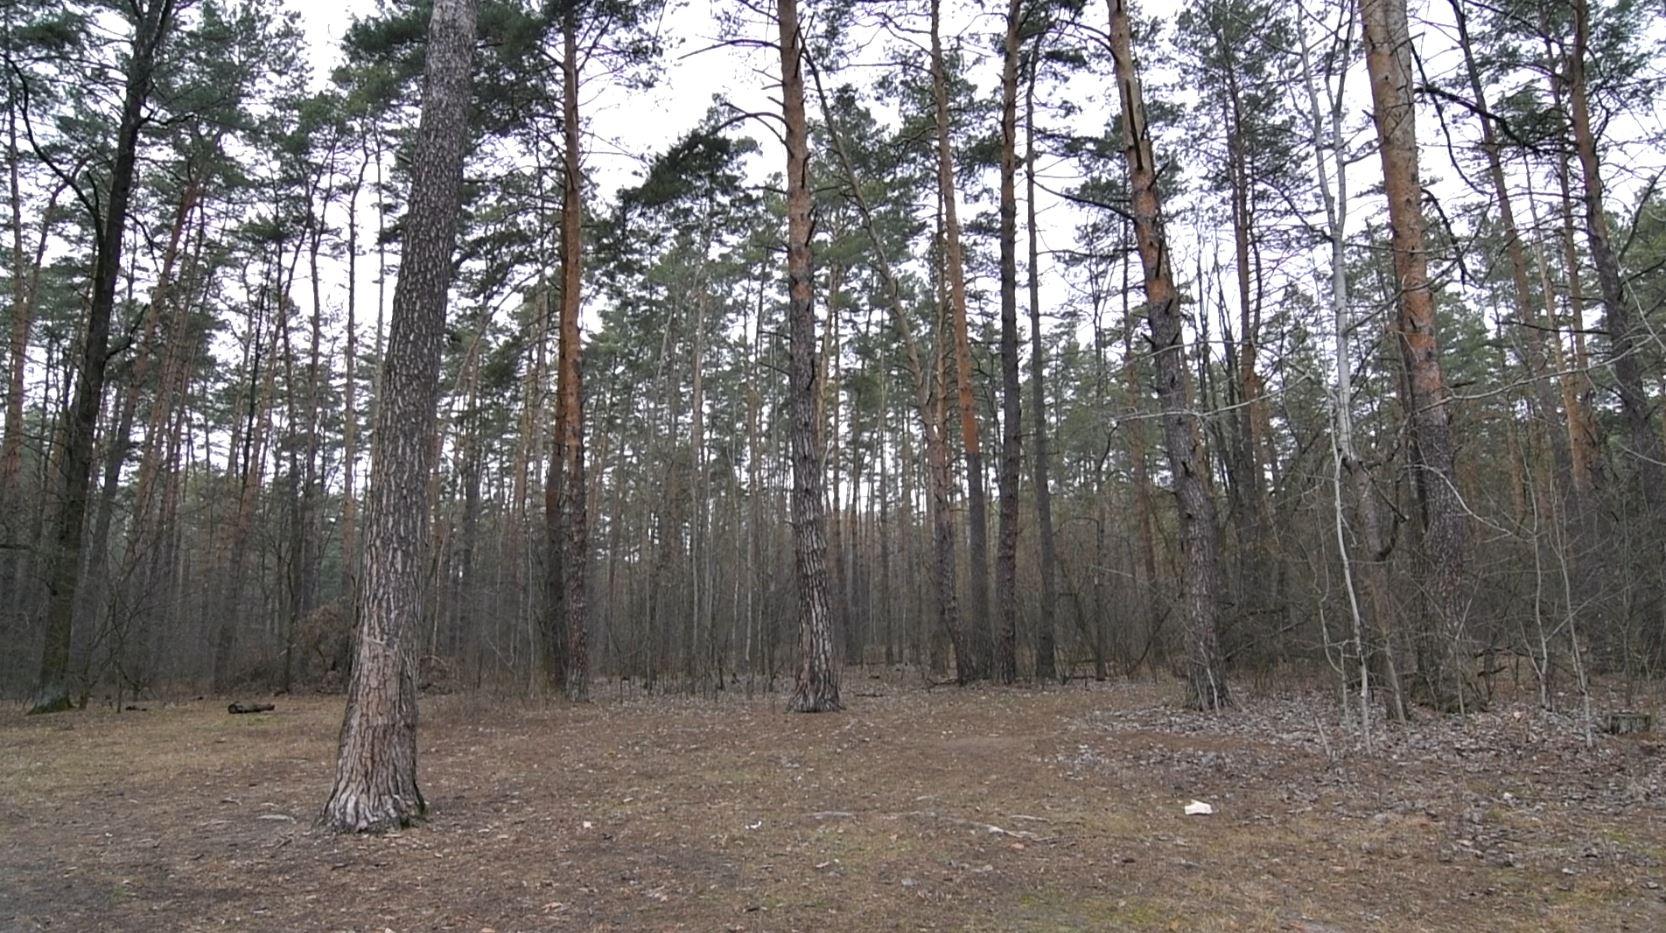 Державі повернули 5,8 га Біличанського лісу вартістю понад 51 мільйон гривень, які незаконно передали у власність - прокуратура Київщини, Приірпіння, Лісові землі, коцюбинське, київщина, ірпінь, Гостомель, Біличанський ліс - Bil lis